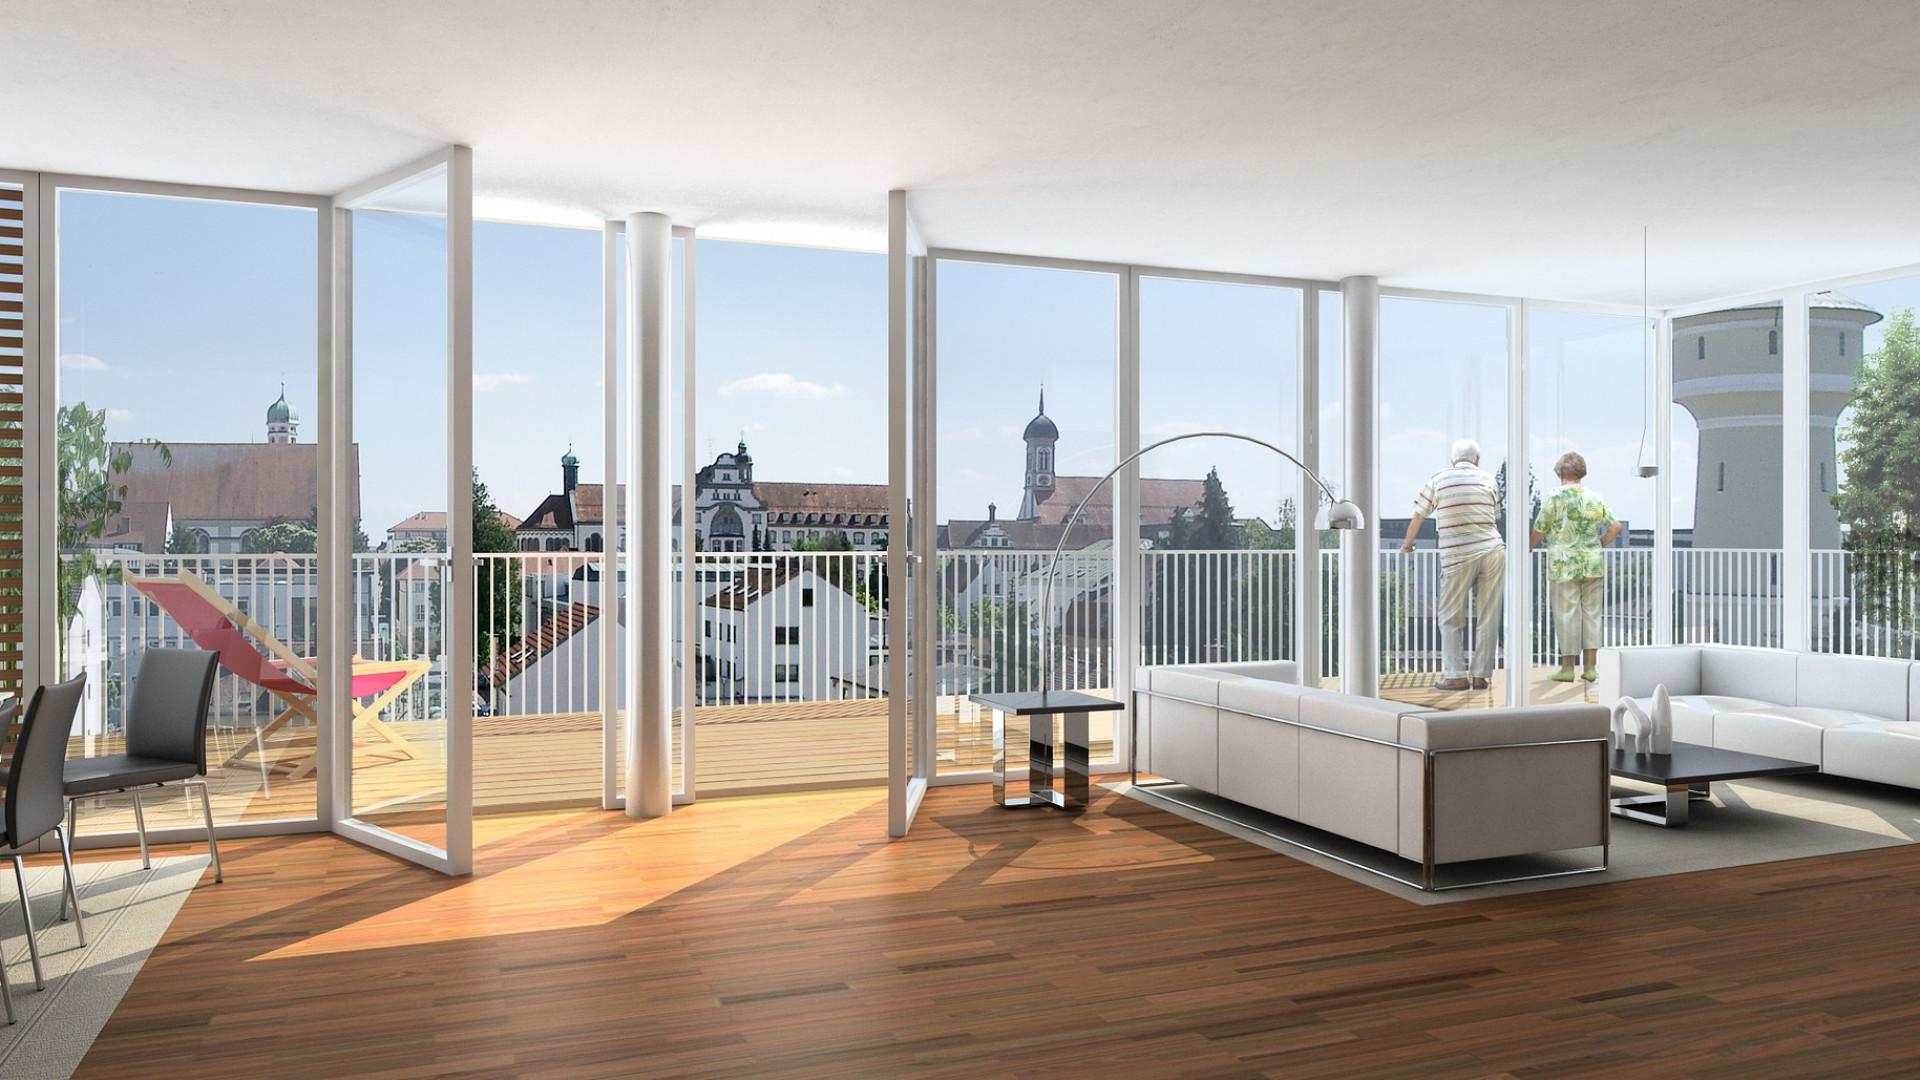 un-vitrage-specifique-chauffer-logement-avec-rayons-soleil.png